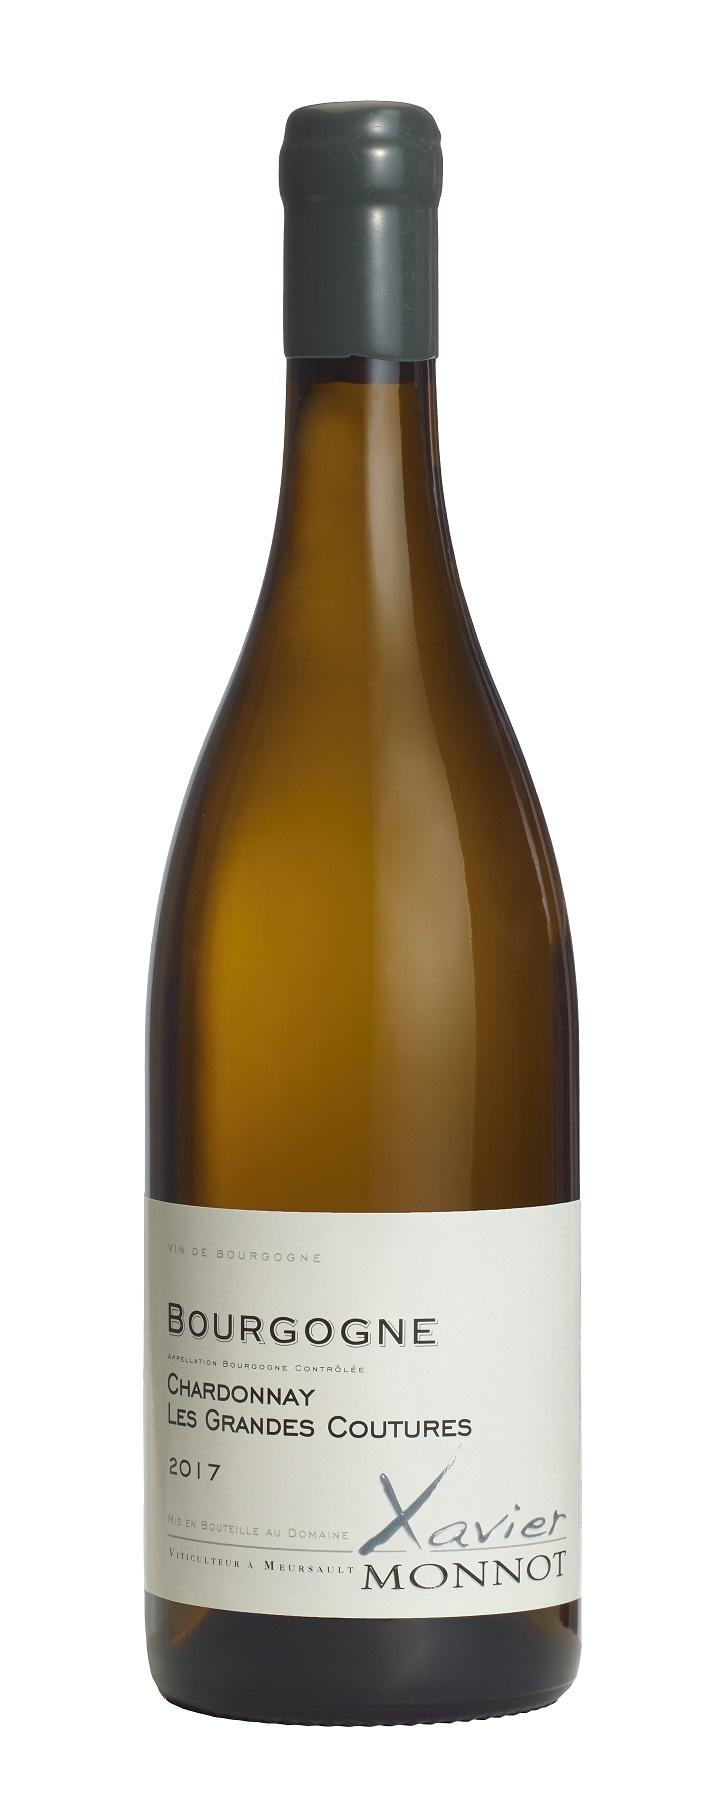 Monnot, Xavier - Burgund 2018 Bourgogne blanc les Grandes Couture, Xavier Monnot